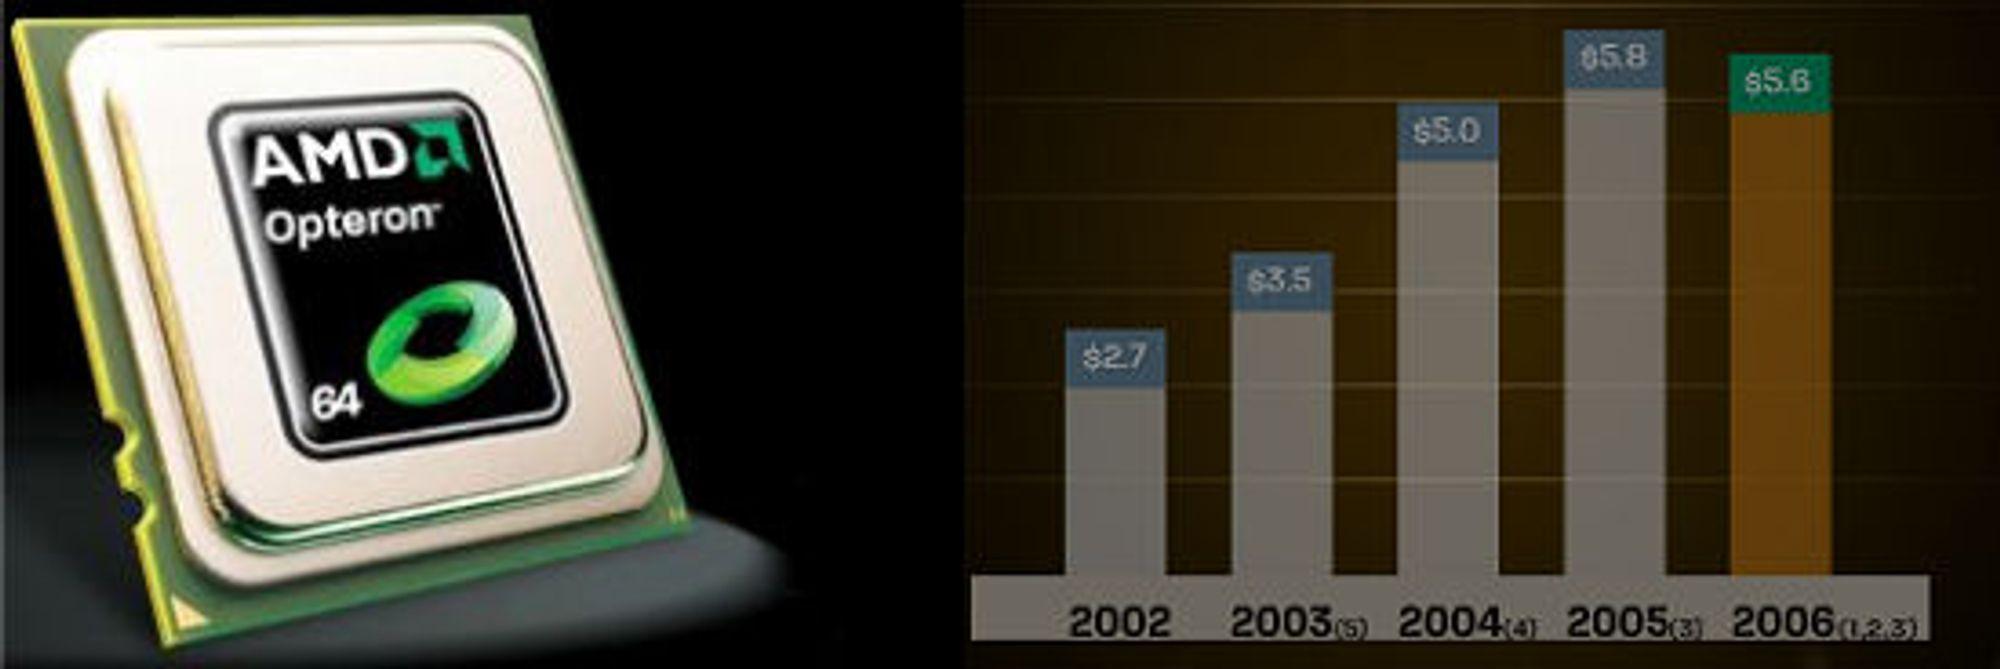 Opteron og AMDs inntekter de siste årene (i mrd dollar)